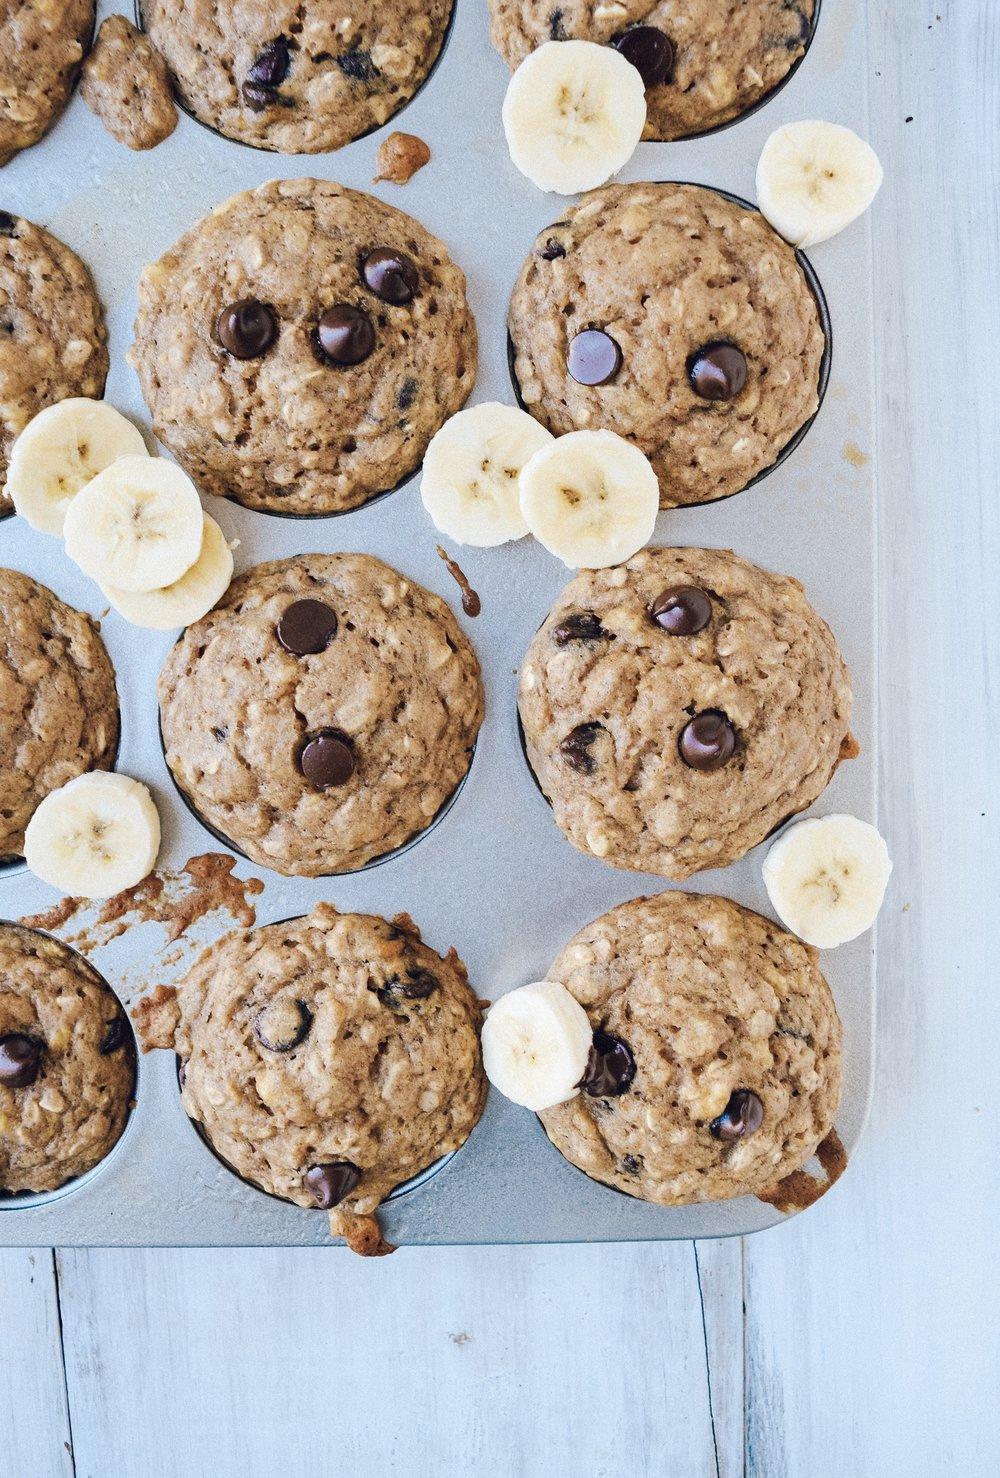 banana-chocolate-chip-muffin-vegan-gluten-free-three.jpg